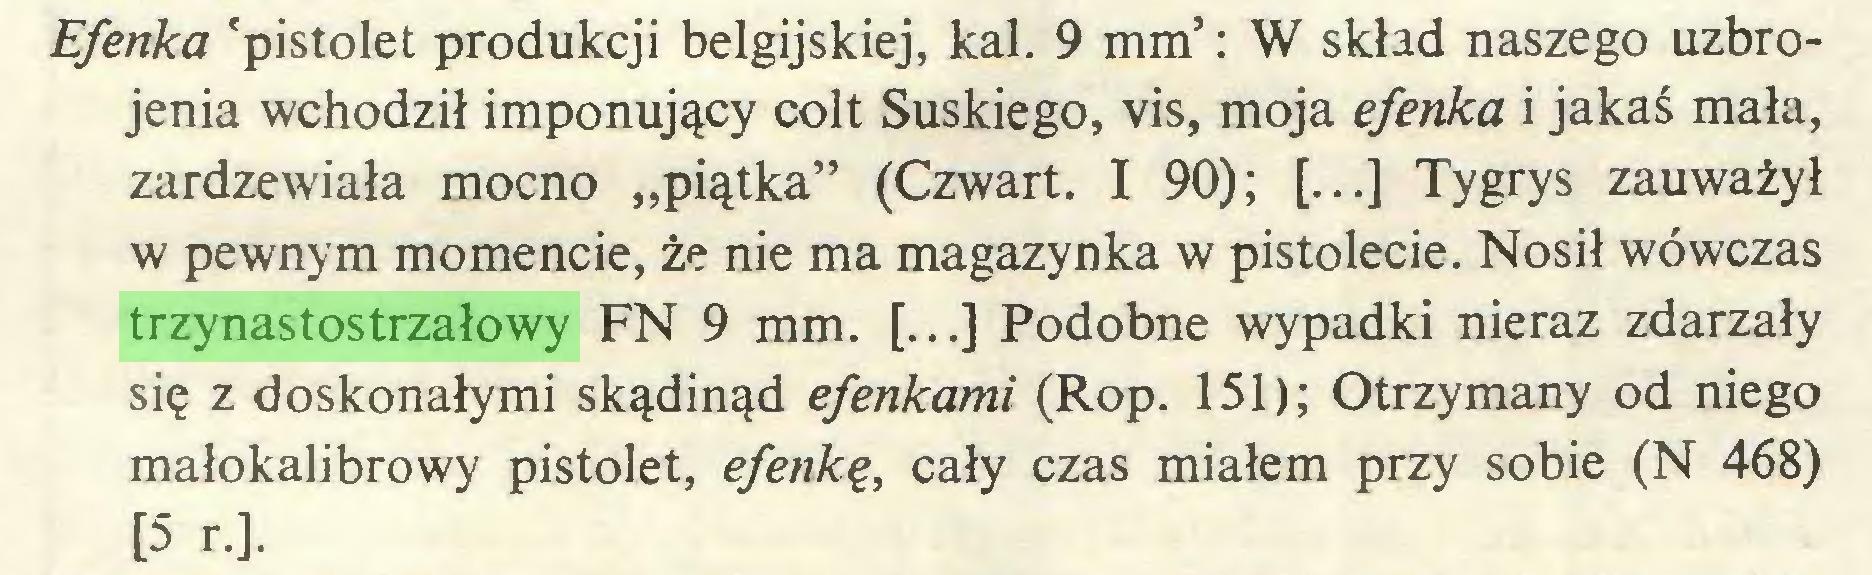 """(...) Efenka 'pistolet produkcji belgijskiej, kal. 9 mm': W skład naszego uzbrojenia wchodził imponujący colt Suskiego, vis, moja efenka i jakaś mała, zardzewiała mocno """"piątka"""" (Czwart. I 90); [...] Tygrys zauważył w pewnym momencie, że nie ma magazynka w pistolecie. Nosił wówczas trzynastostrzałowy FN 9 mm. [...] Podobne wypadki nieraz zdarzały się z doskonałymi skądinąd efenkami (Rop. 151); Otrzymany od niego małokalibrowy pistolet, efenkę, cały czas miałem przy sobie (N 468) [5 r.]..."""